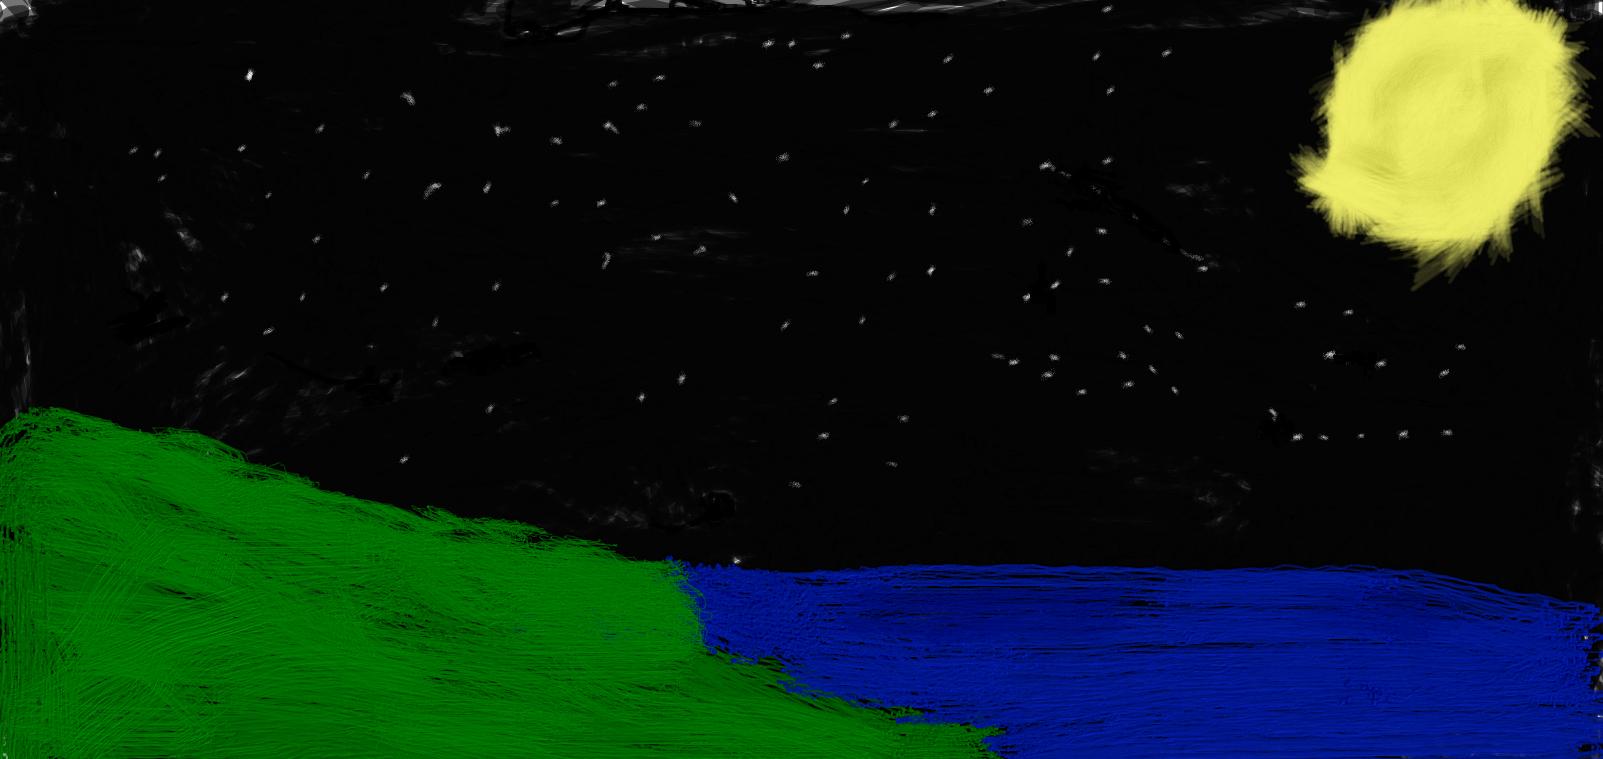 Hillside by Moonlight